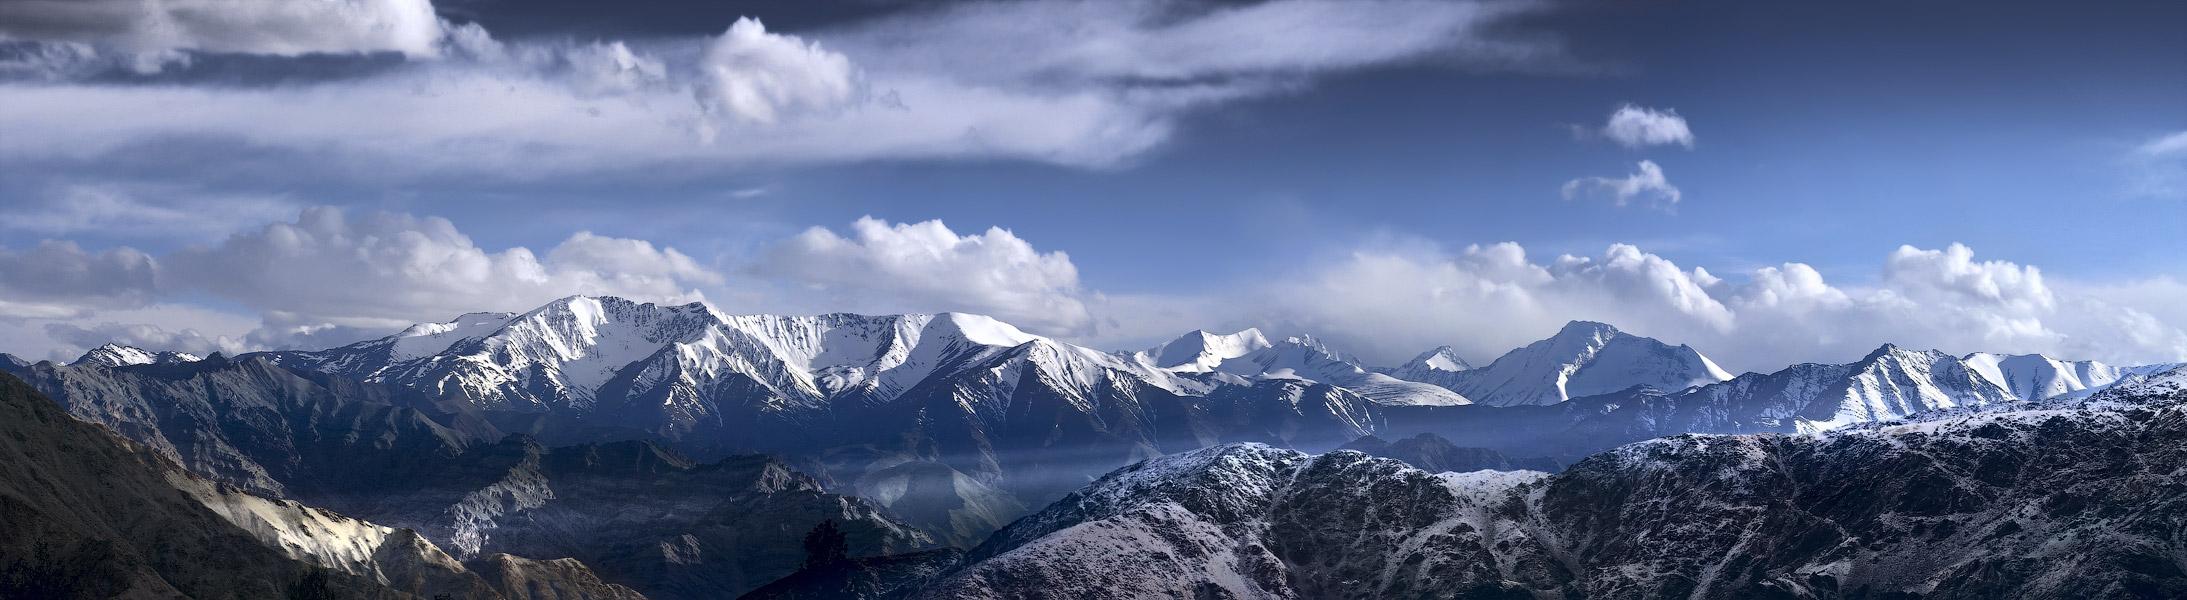 Вид с Так Тхог Гомпы. Ладакх, Индия. Панорамы Гималаев